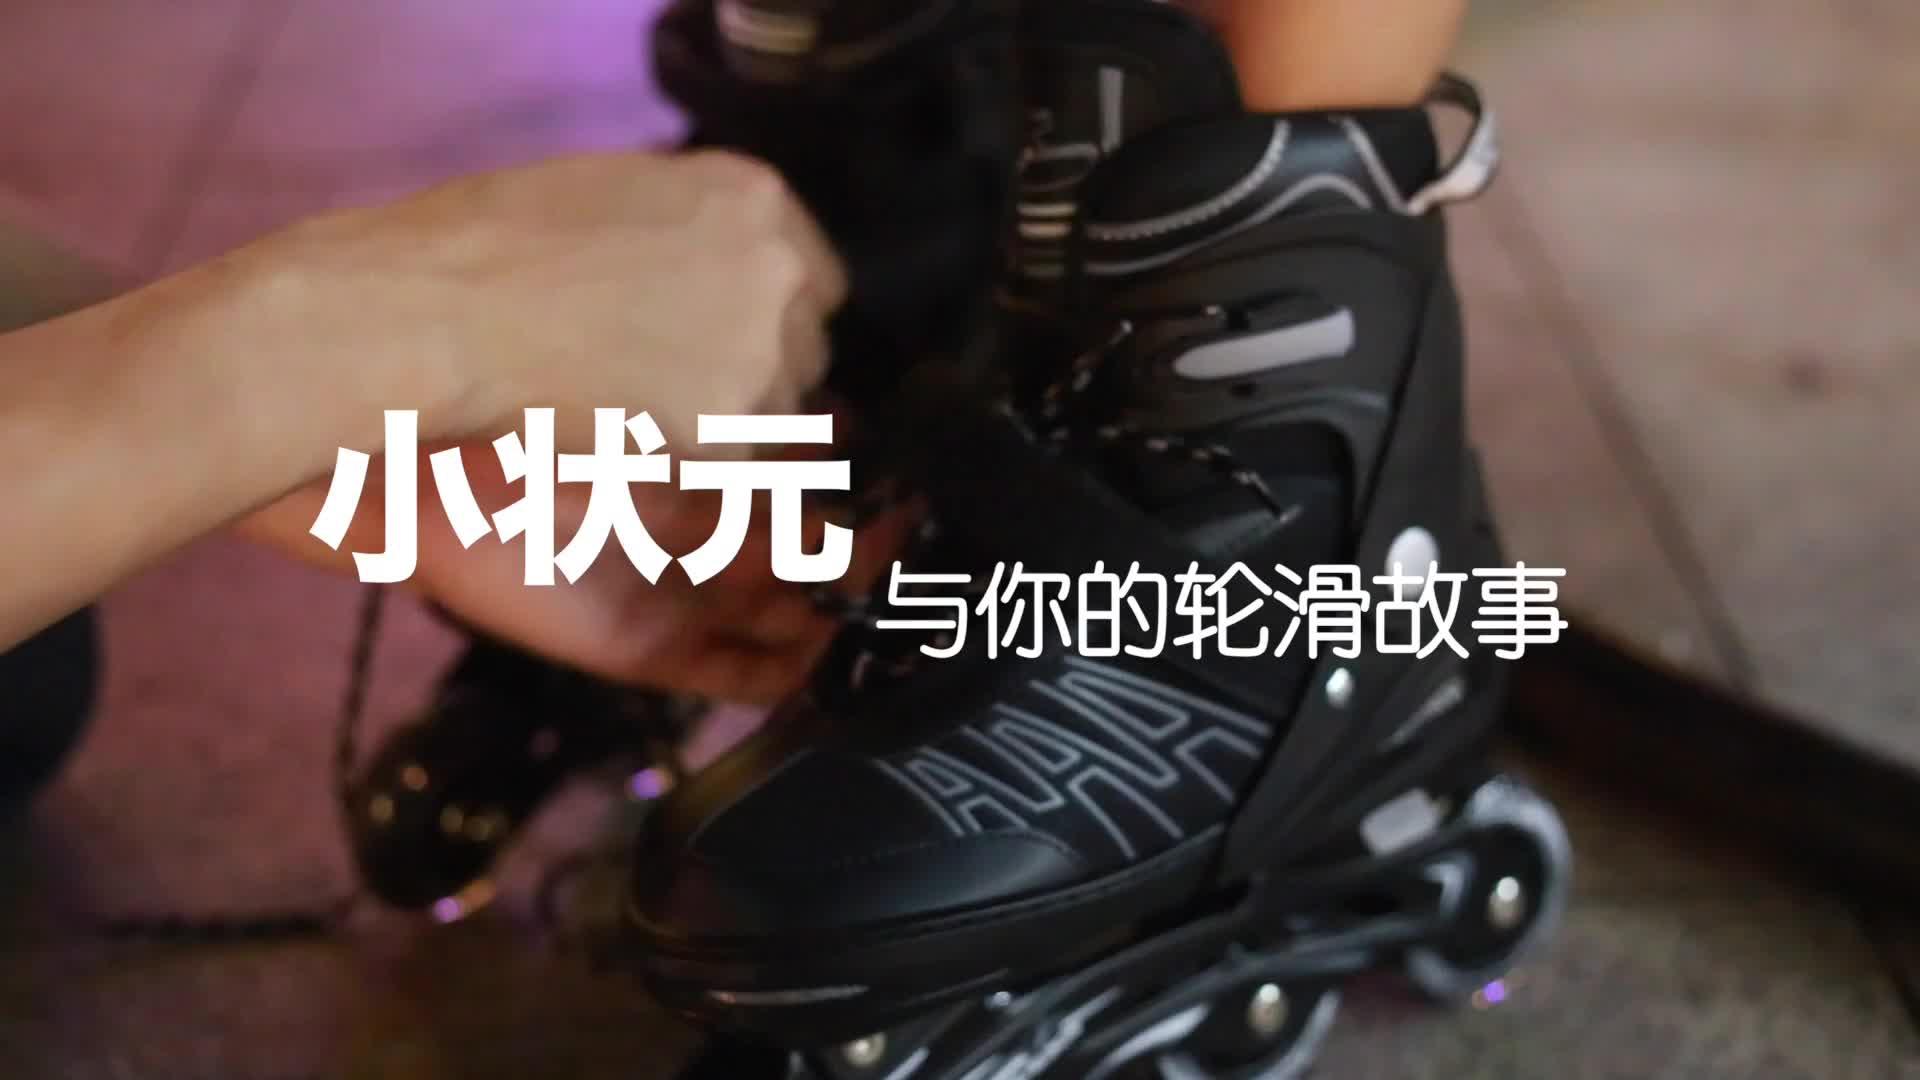 CHINA TOP 1New Modelo Rolos Patines Patins Inline Ajustáveis Crianças de Rua Para A Venda